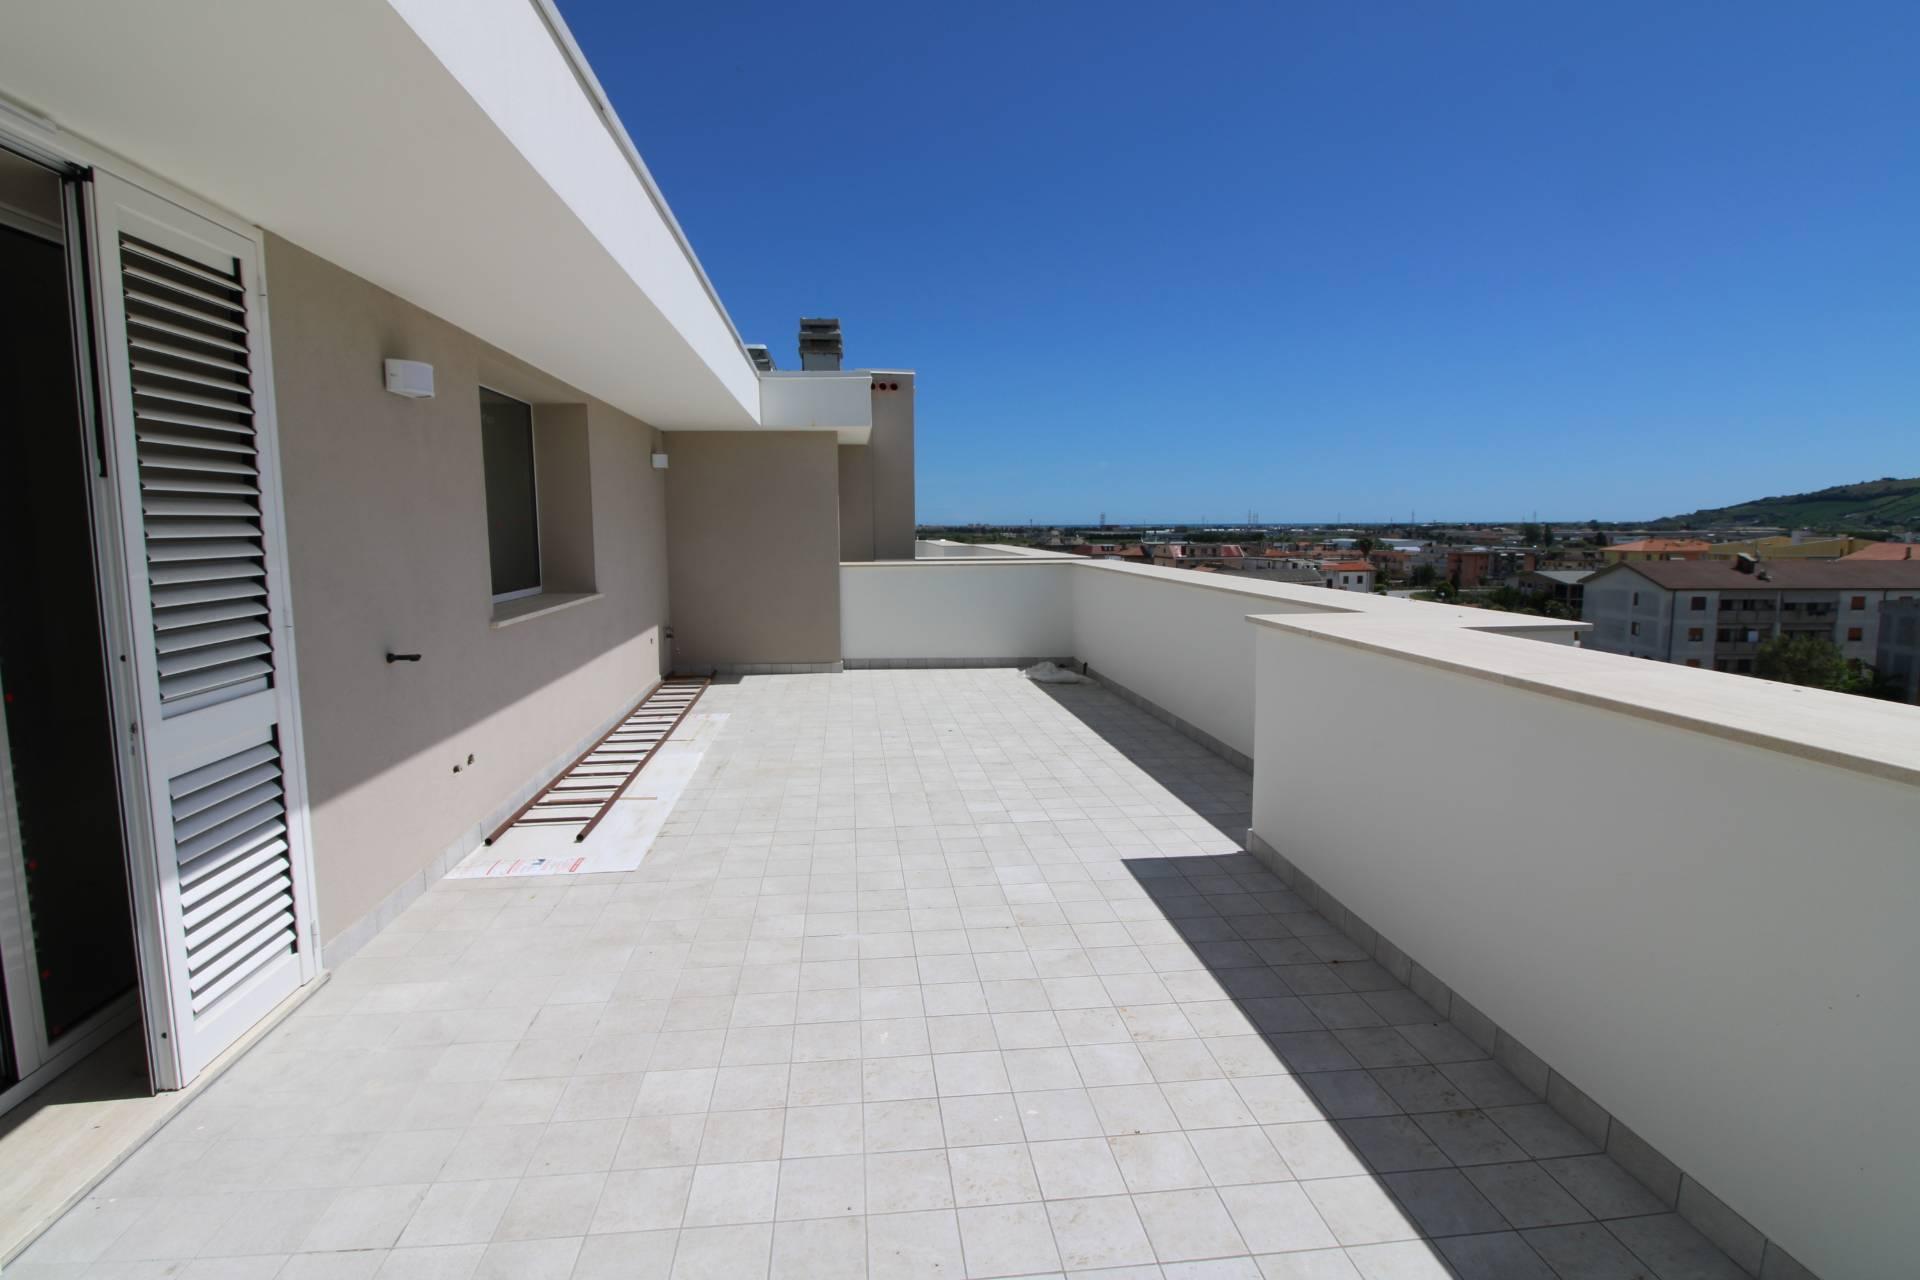 Appartamento in vendita a Monteprandone, 4 locali, zona Località: CENTOBUCHI(sottolasalaria, prezzo € 295.000   PortaleAgenzieImmobiliari.it